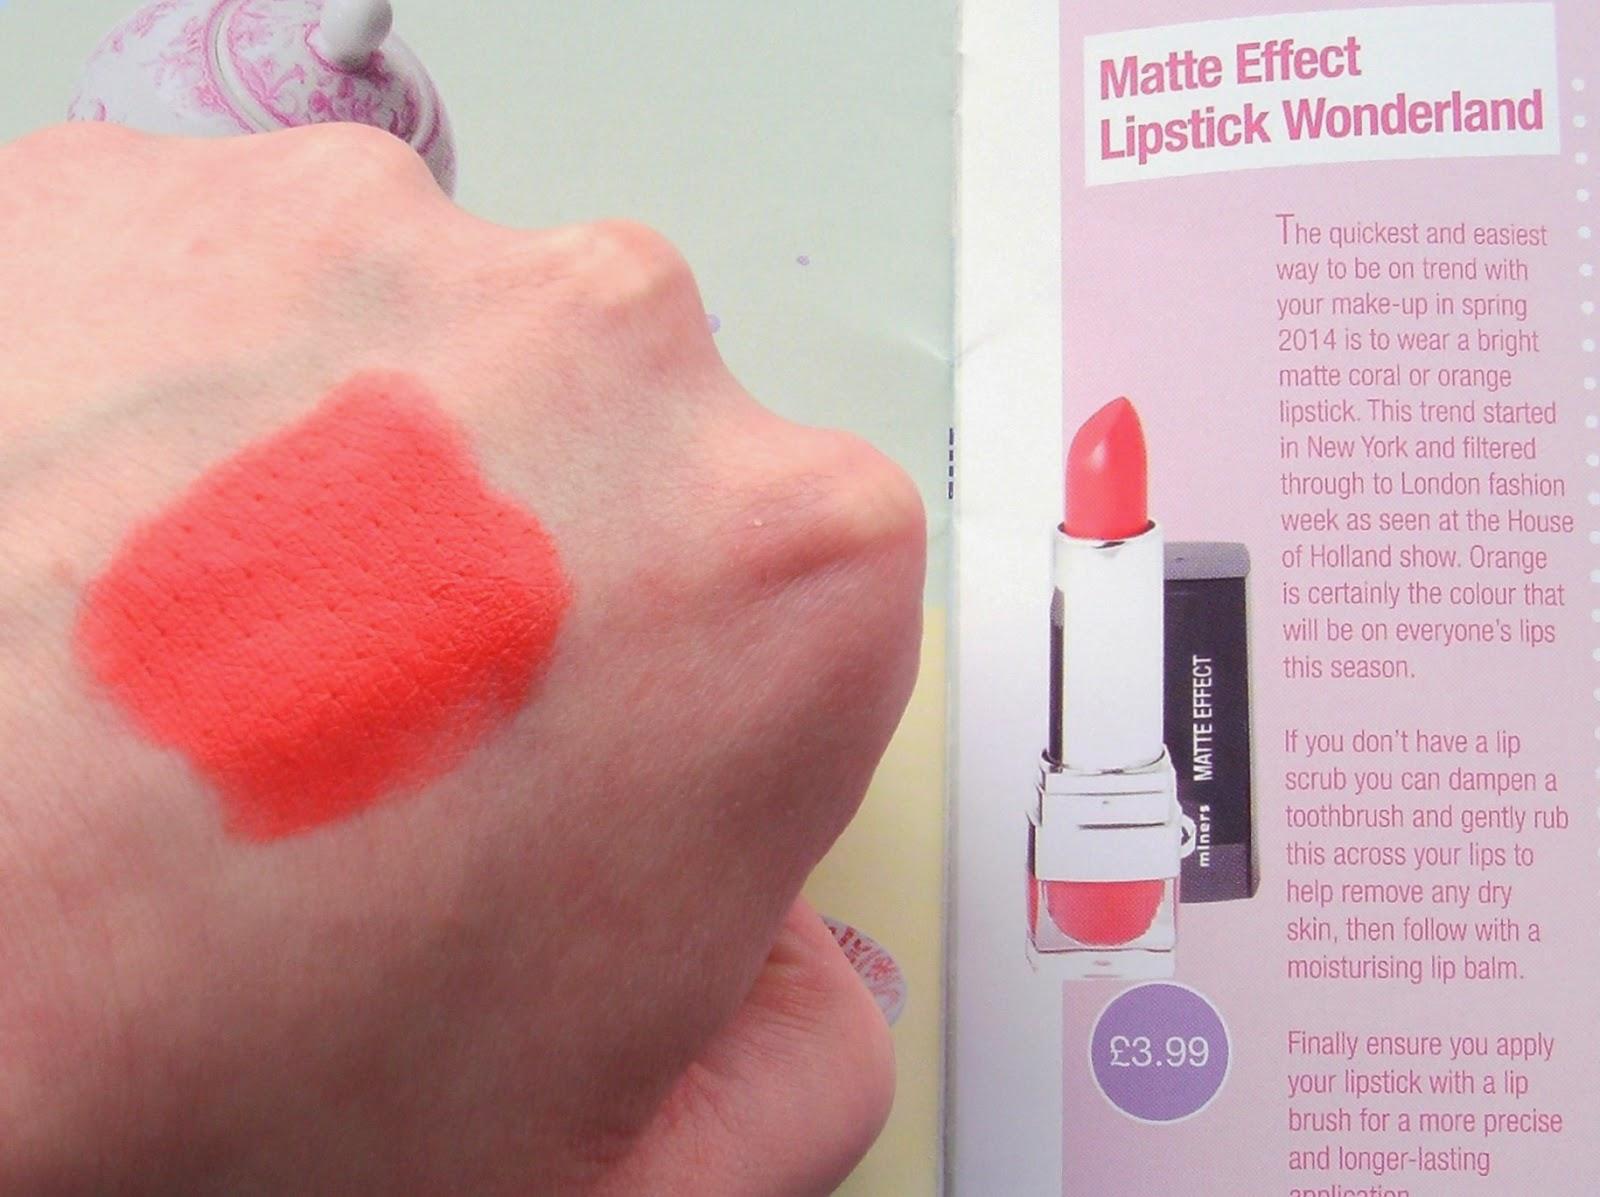 Miners Cosmetics Matte Effect Lipstick in Wonderland Swatch_Orange Lipstick Trend SS14